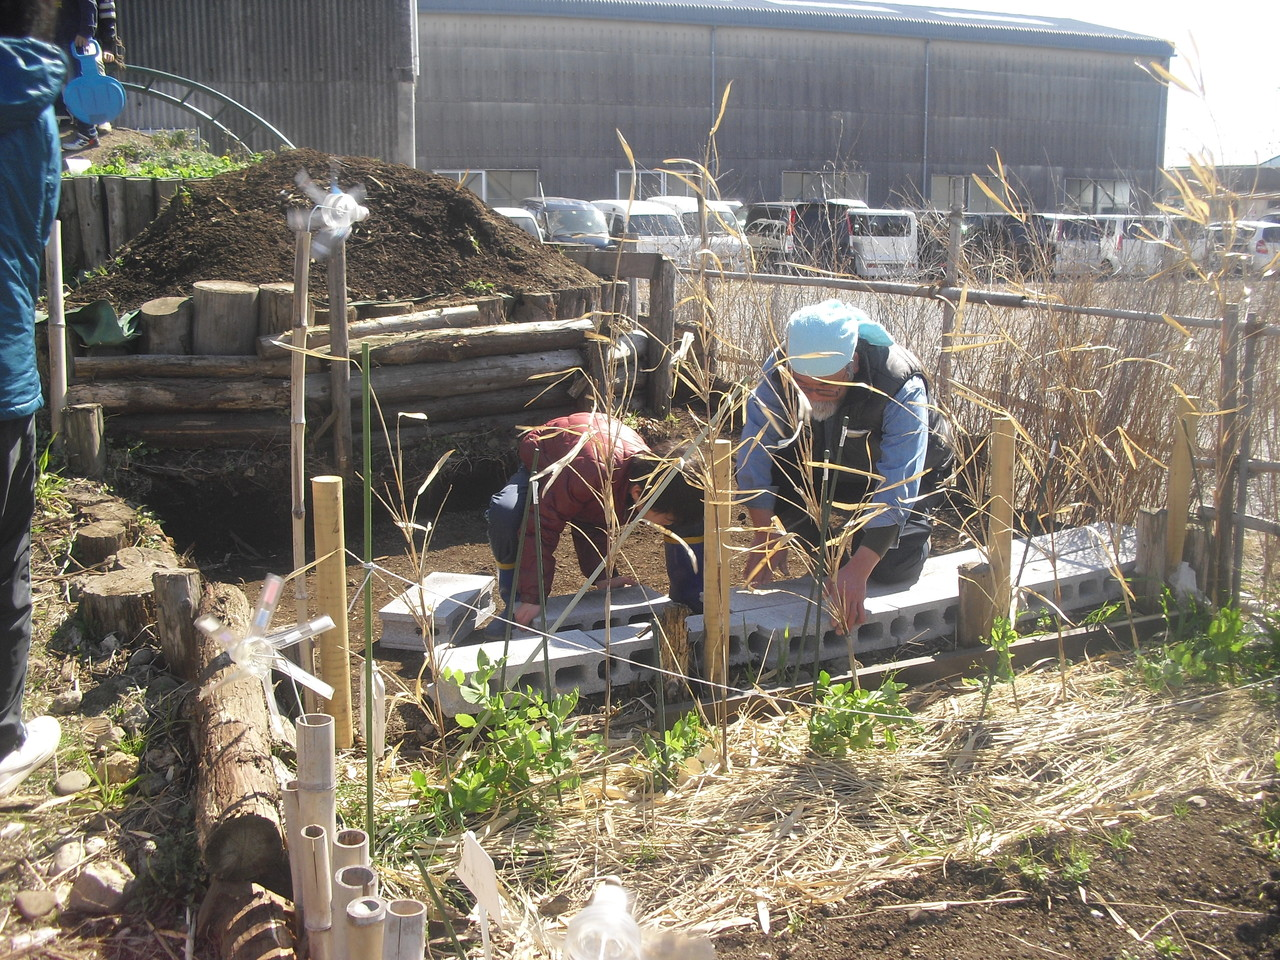 棚田では、土の下にブロックを敷き詰めています。その上にビニールシートを敷き、また土を入れ元の棚田になおします。